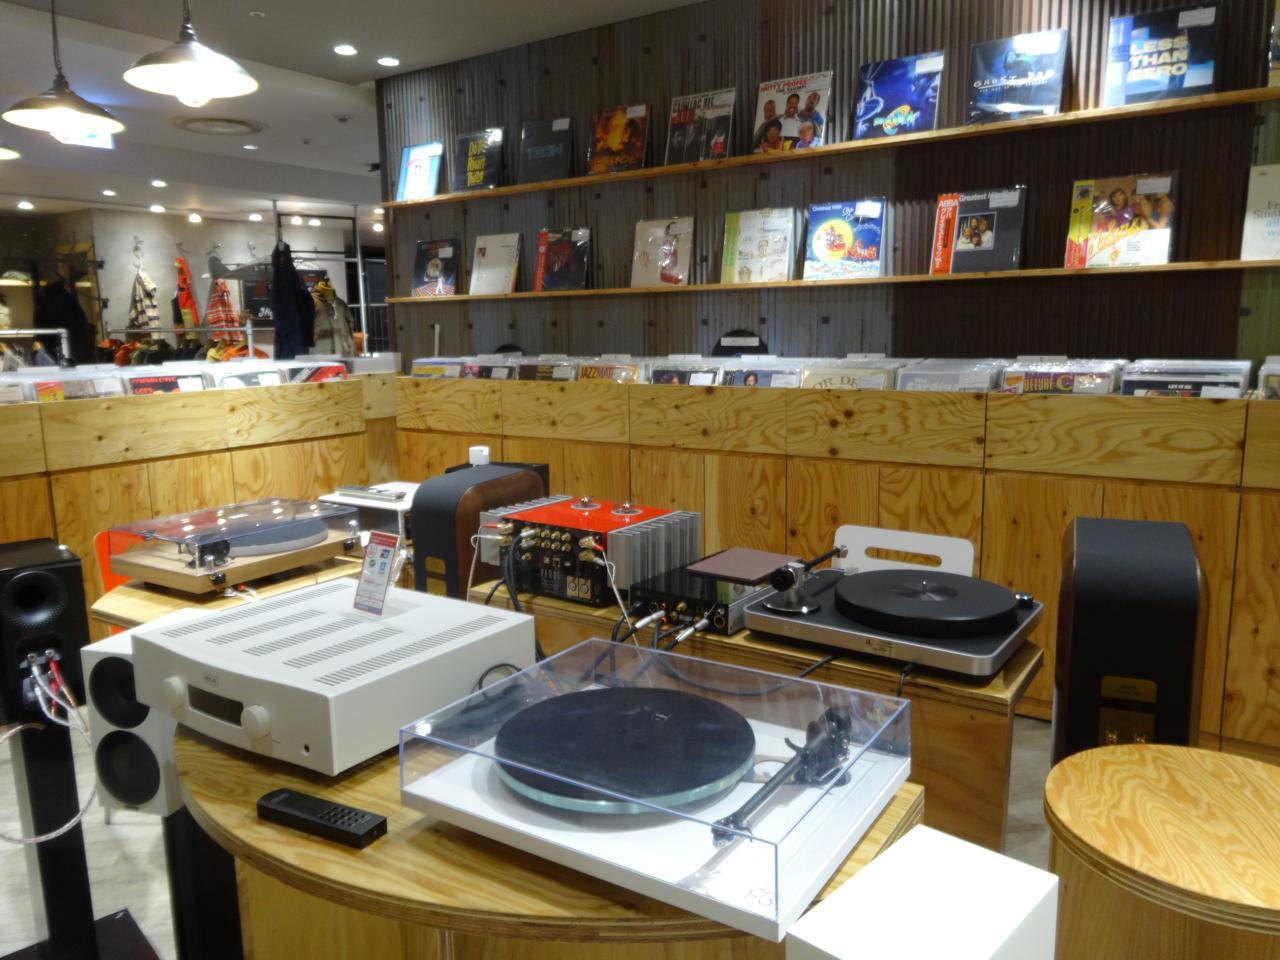 画像: 7Fのギンザレコード店内。売り物のレコードが聴けるセレクト・オーディオショップでもある。